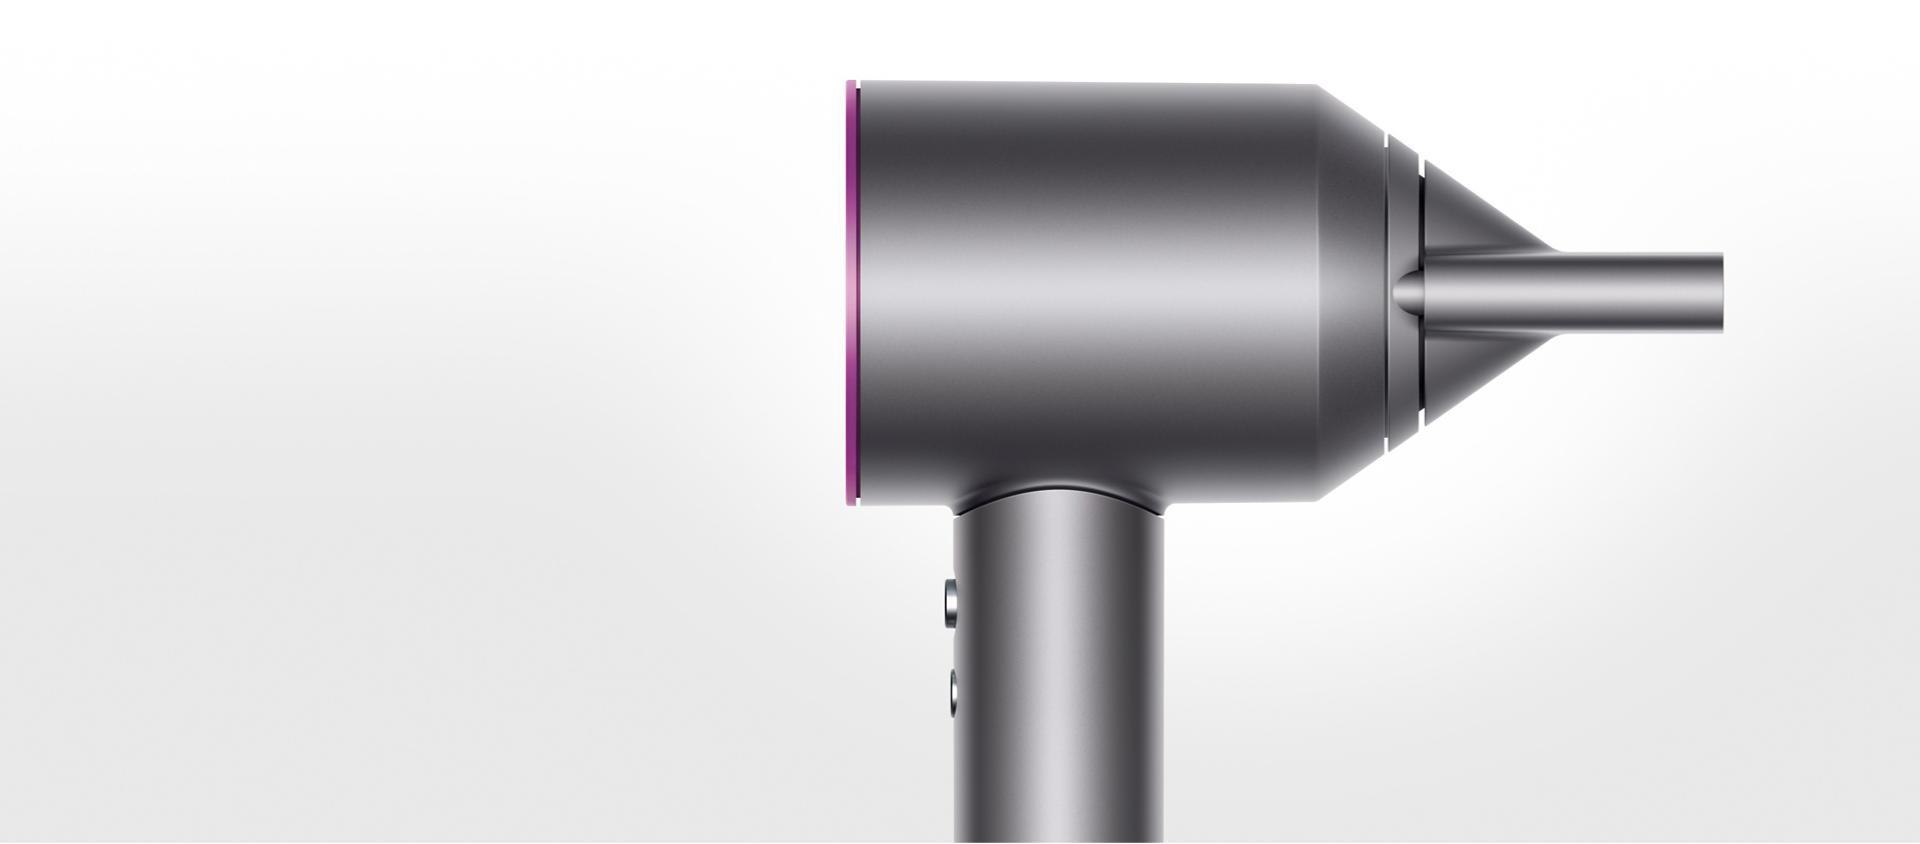 Düzleştirici başlık aparatı ile birlikte Dyson Supersonic ™ saç kurutma makinesi